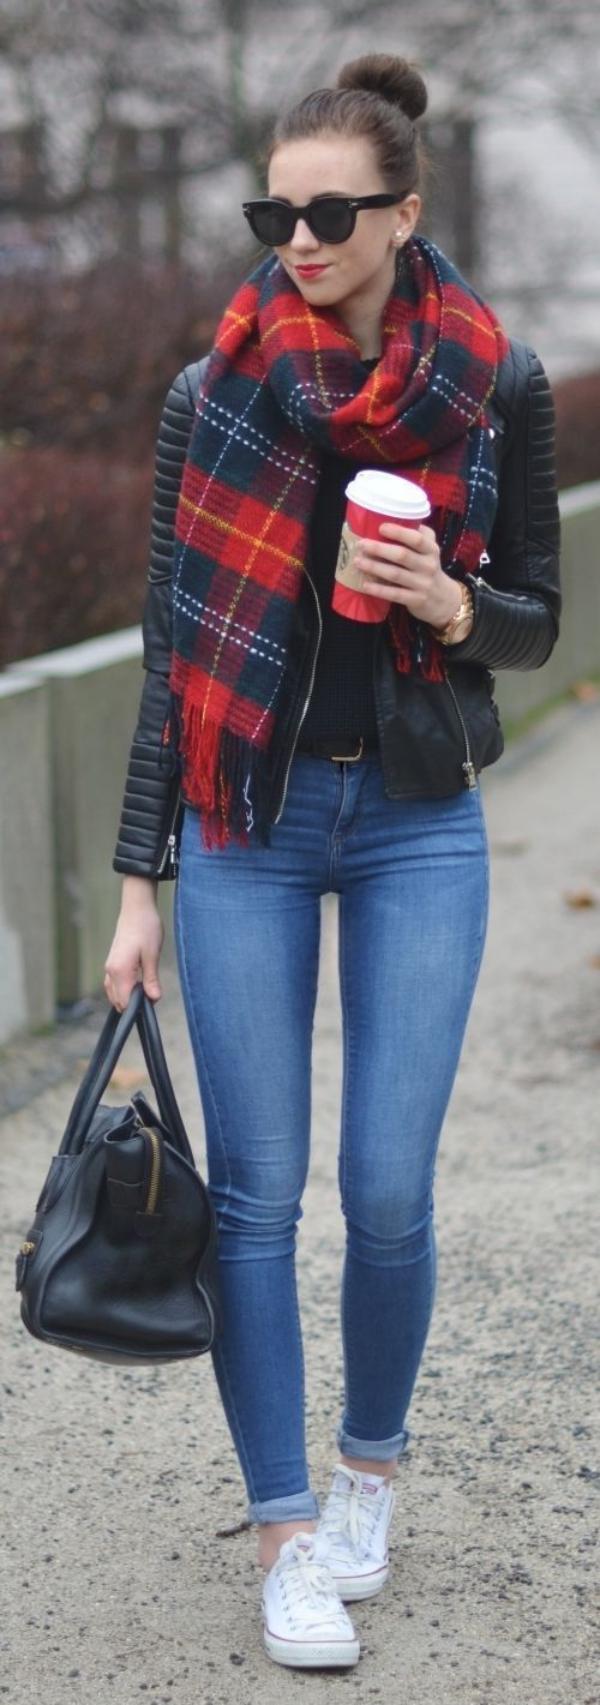 Autumn-Fashion-Outfits-Ideas-36